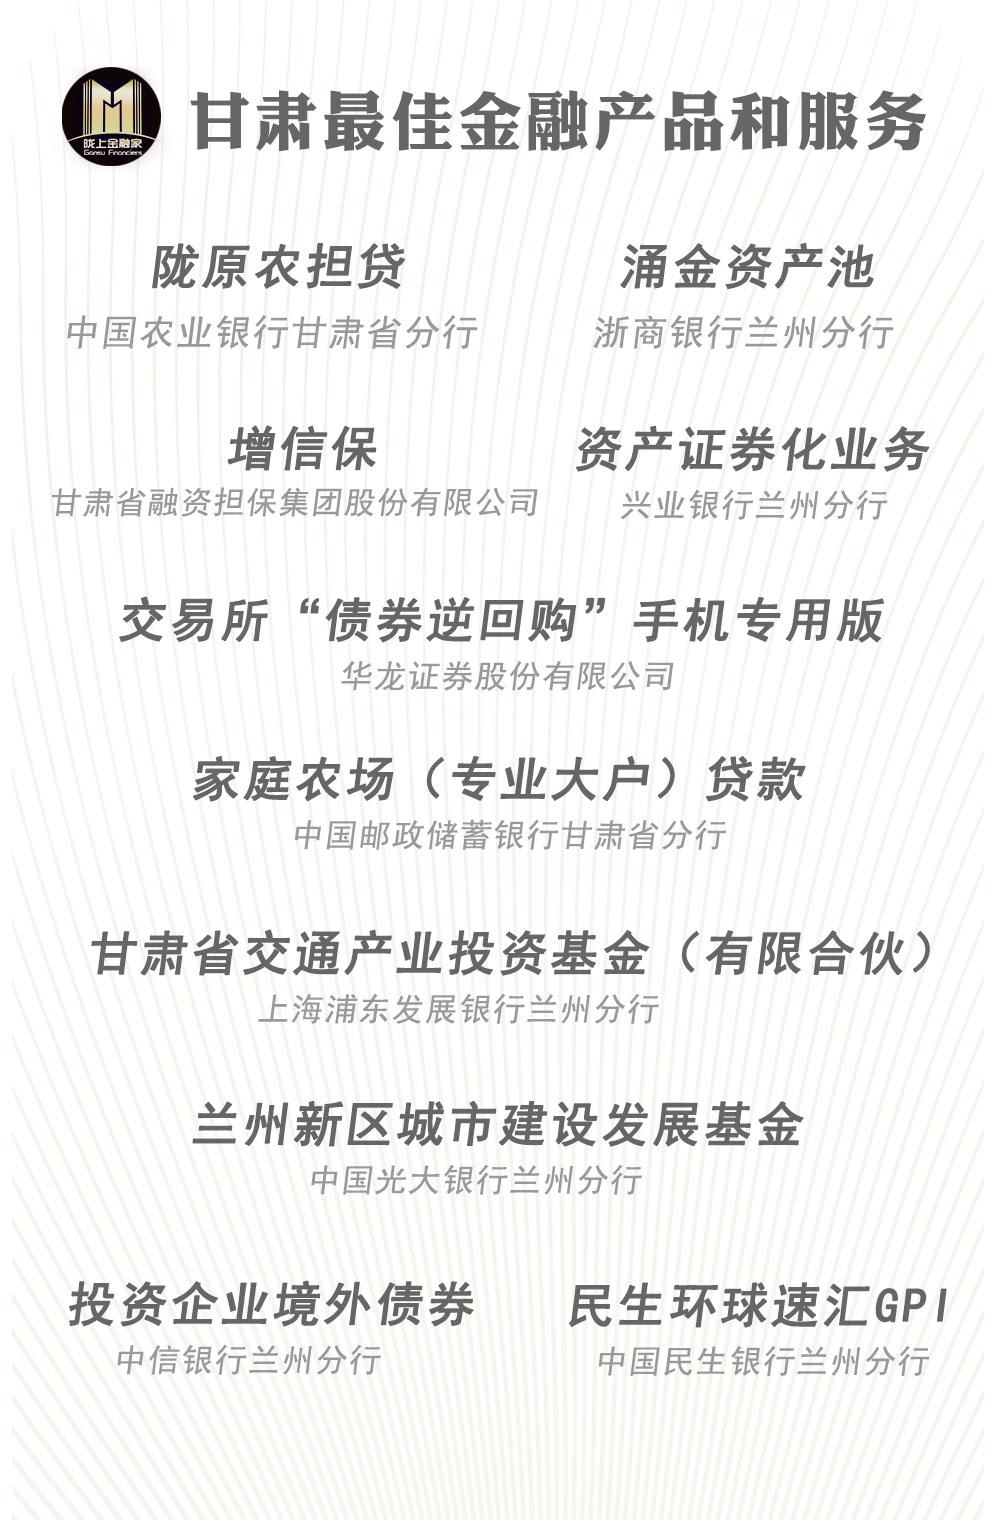 第二届陇上金融家获奖名单